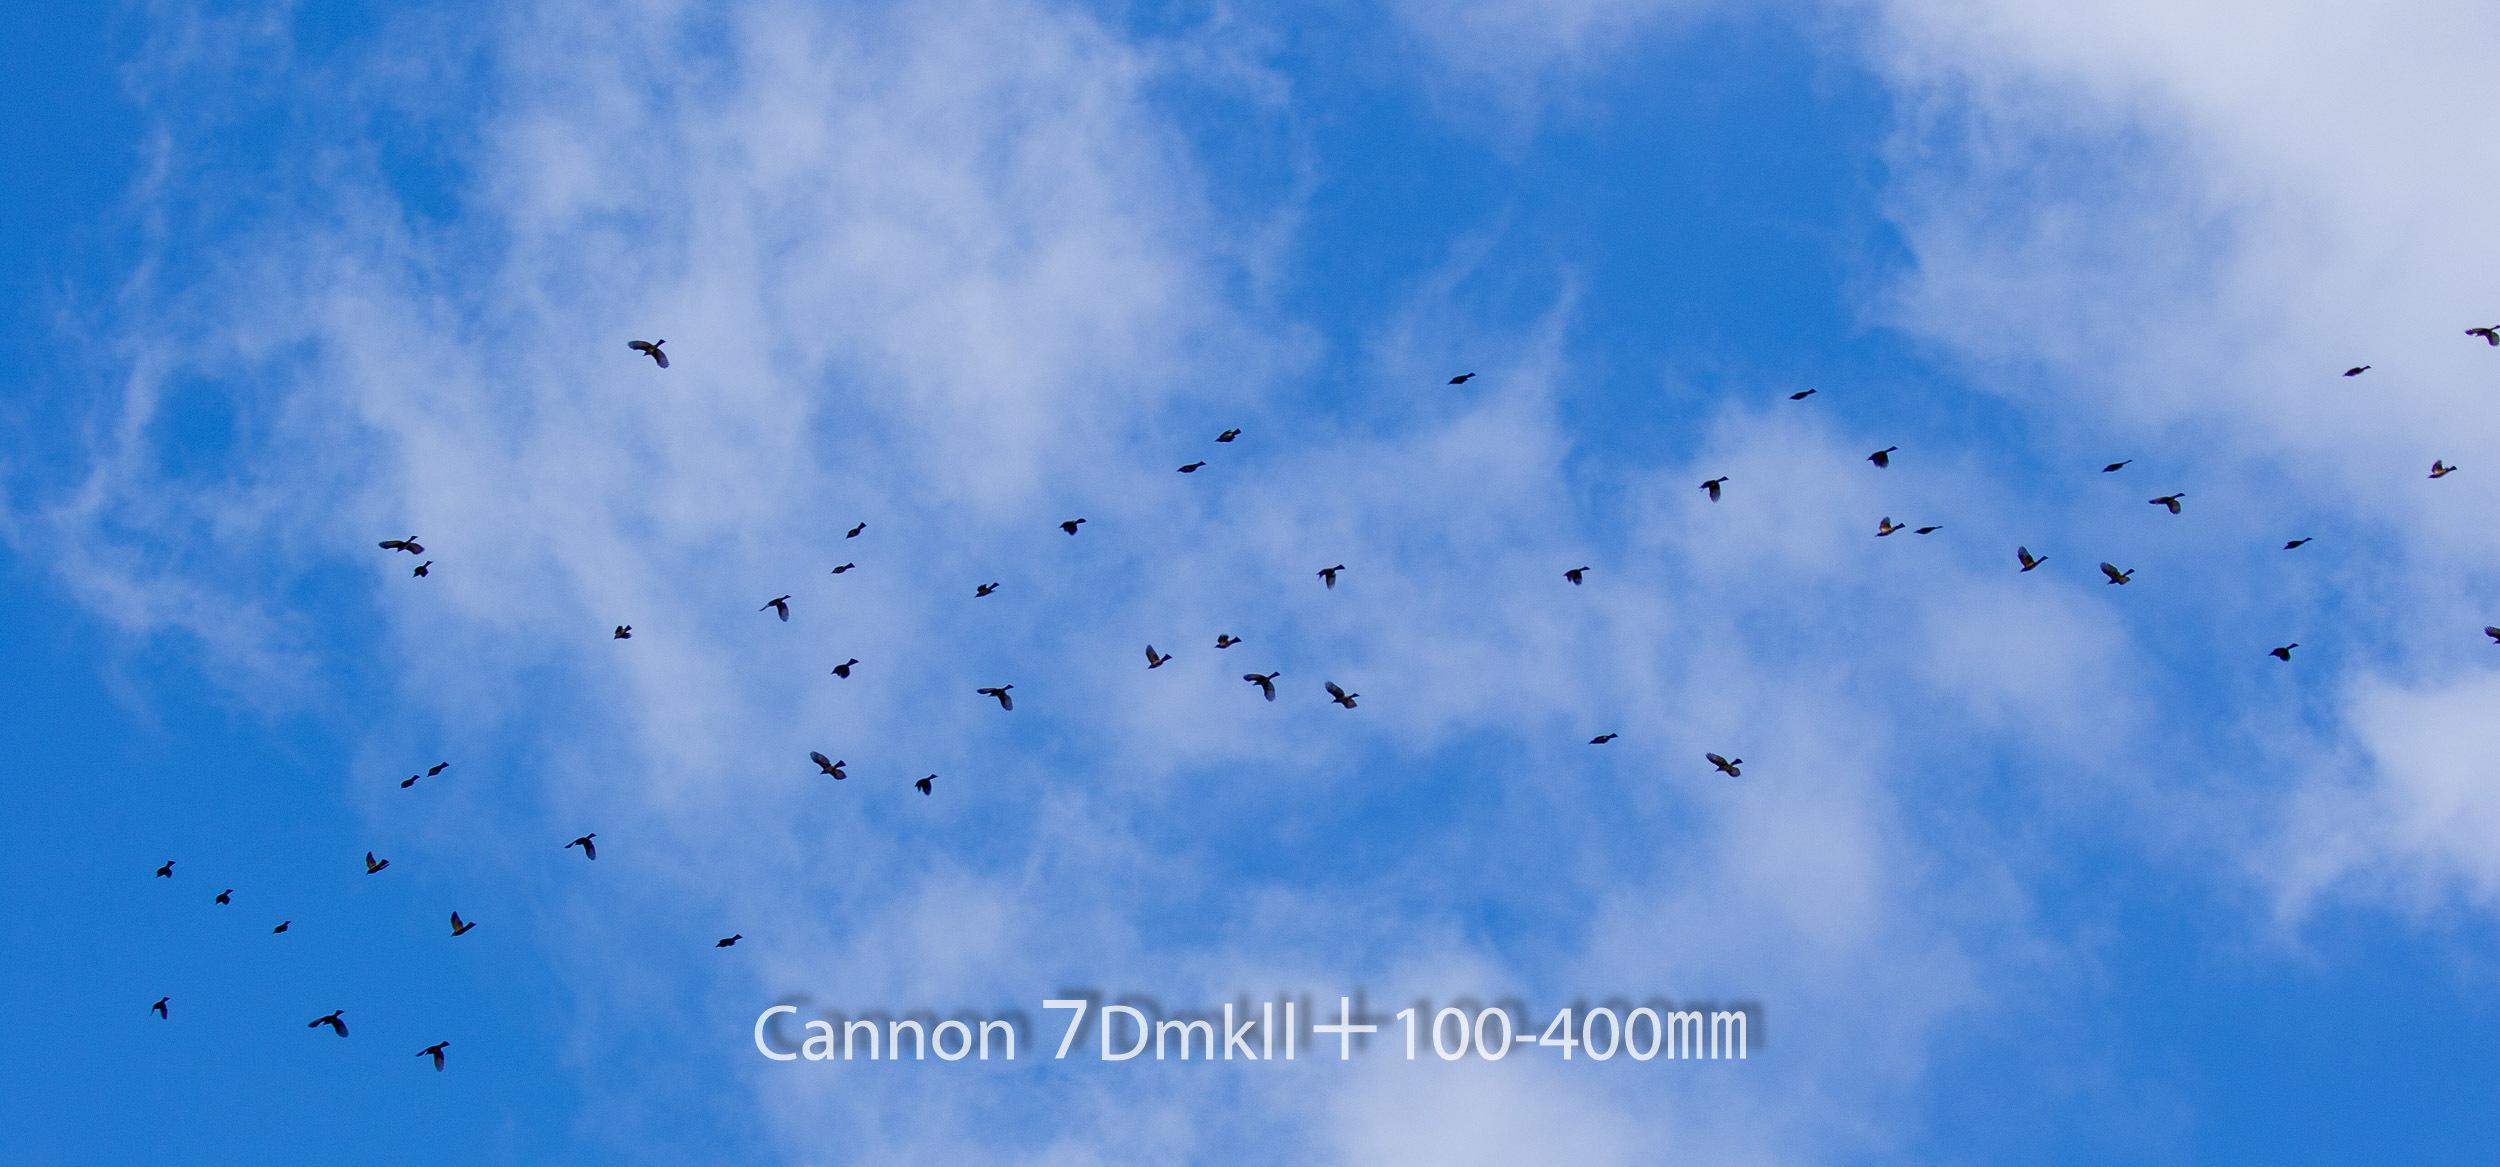 191004 ヒヨドリ集団-04 Canon EOS 7D Mark II ISO 100 100 mm 5472 x 2554